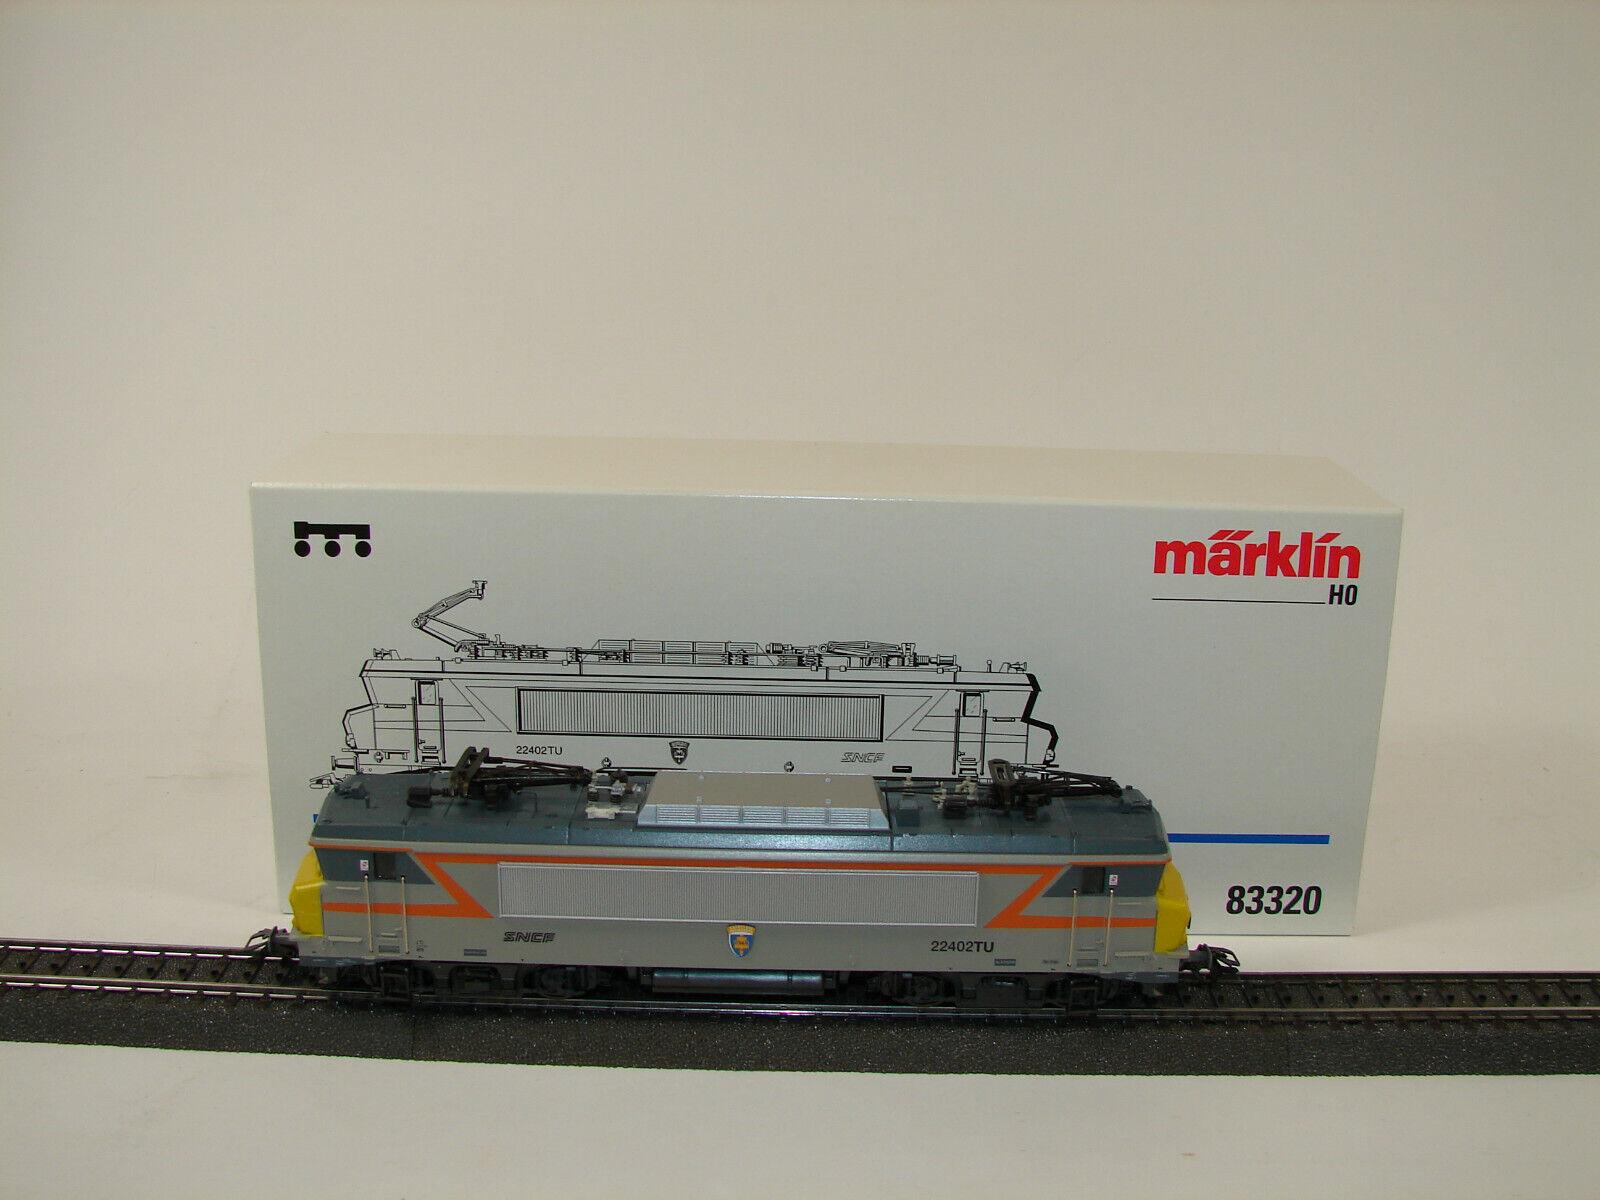 marklin h0 83320 elektrolokomotive BR BB 22200 della SNCF. come NUOVO